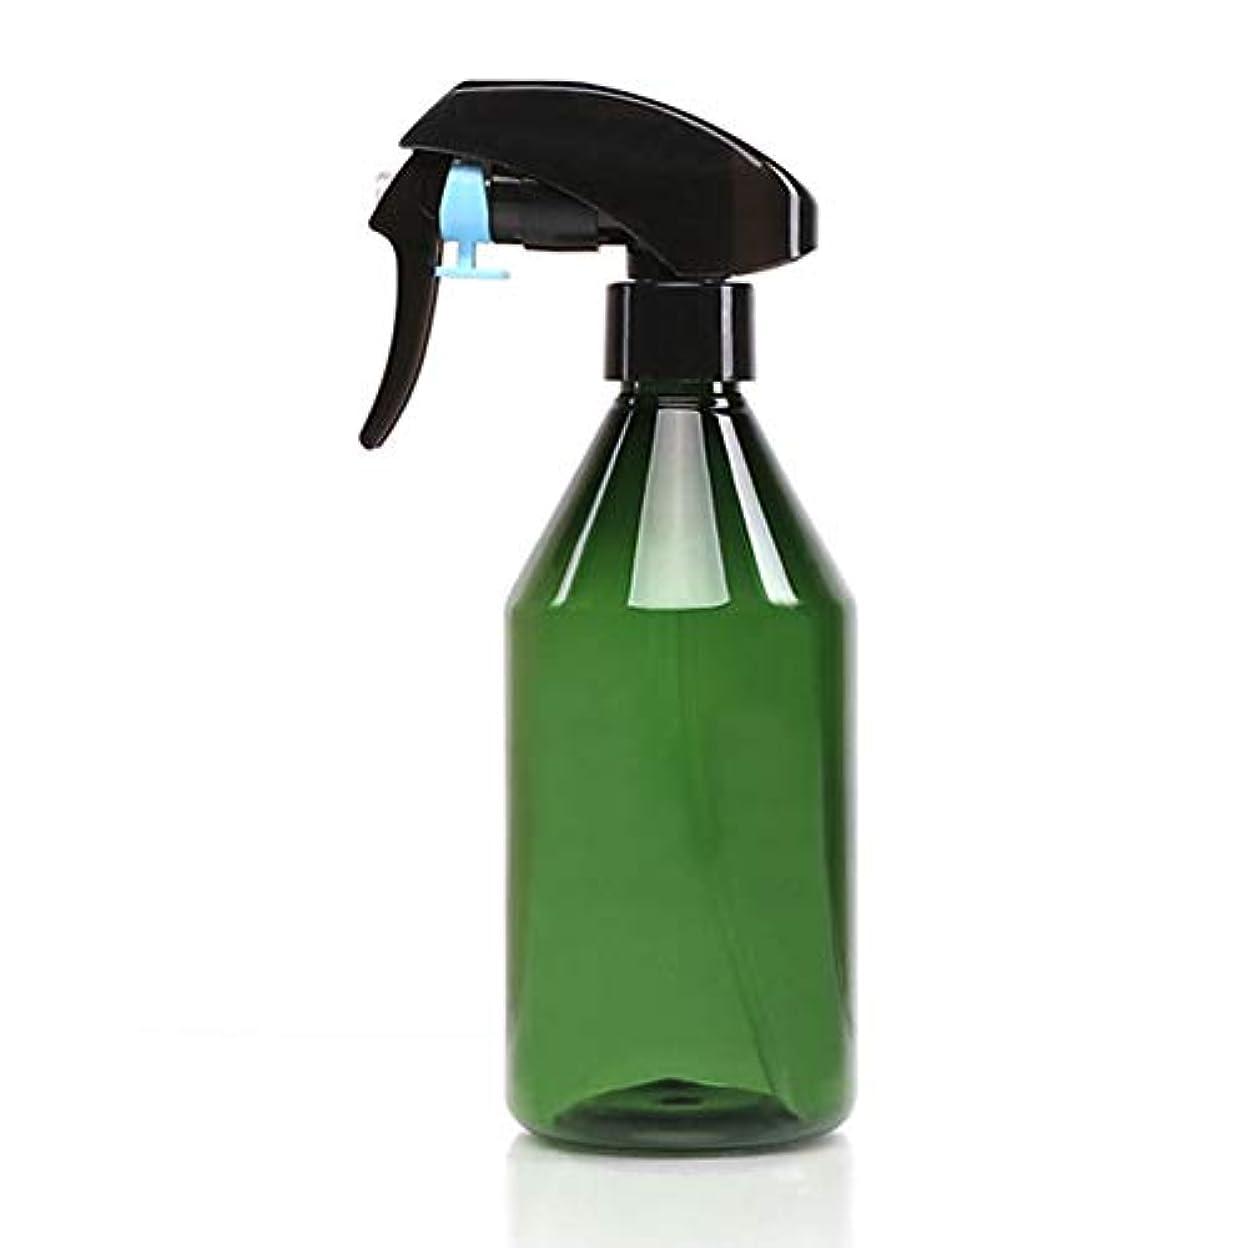 シールド天才足音超微細なスプレーボトル、300ミリリットル多目的ヘアーサロン理髪店ヘアスプレーボトル家庭用美容スプレーツール,グリーン